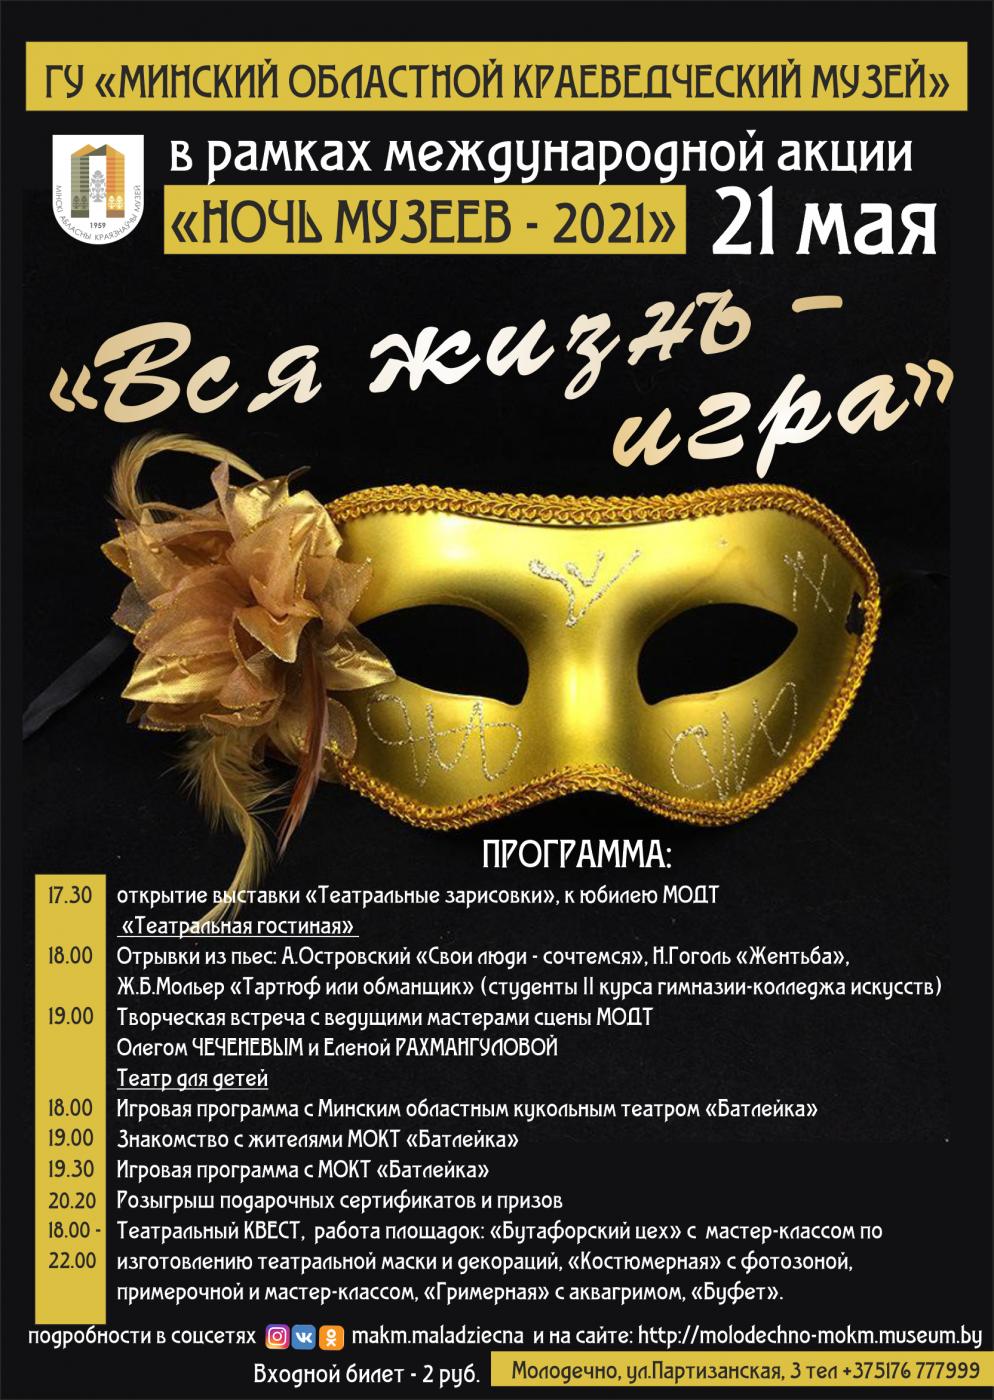 минский областной музей, ночь музеев 2021